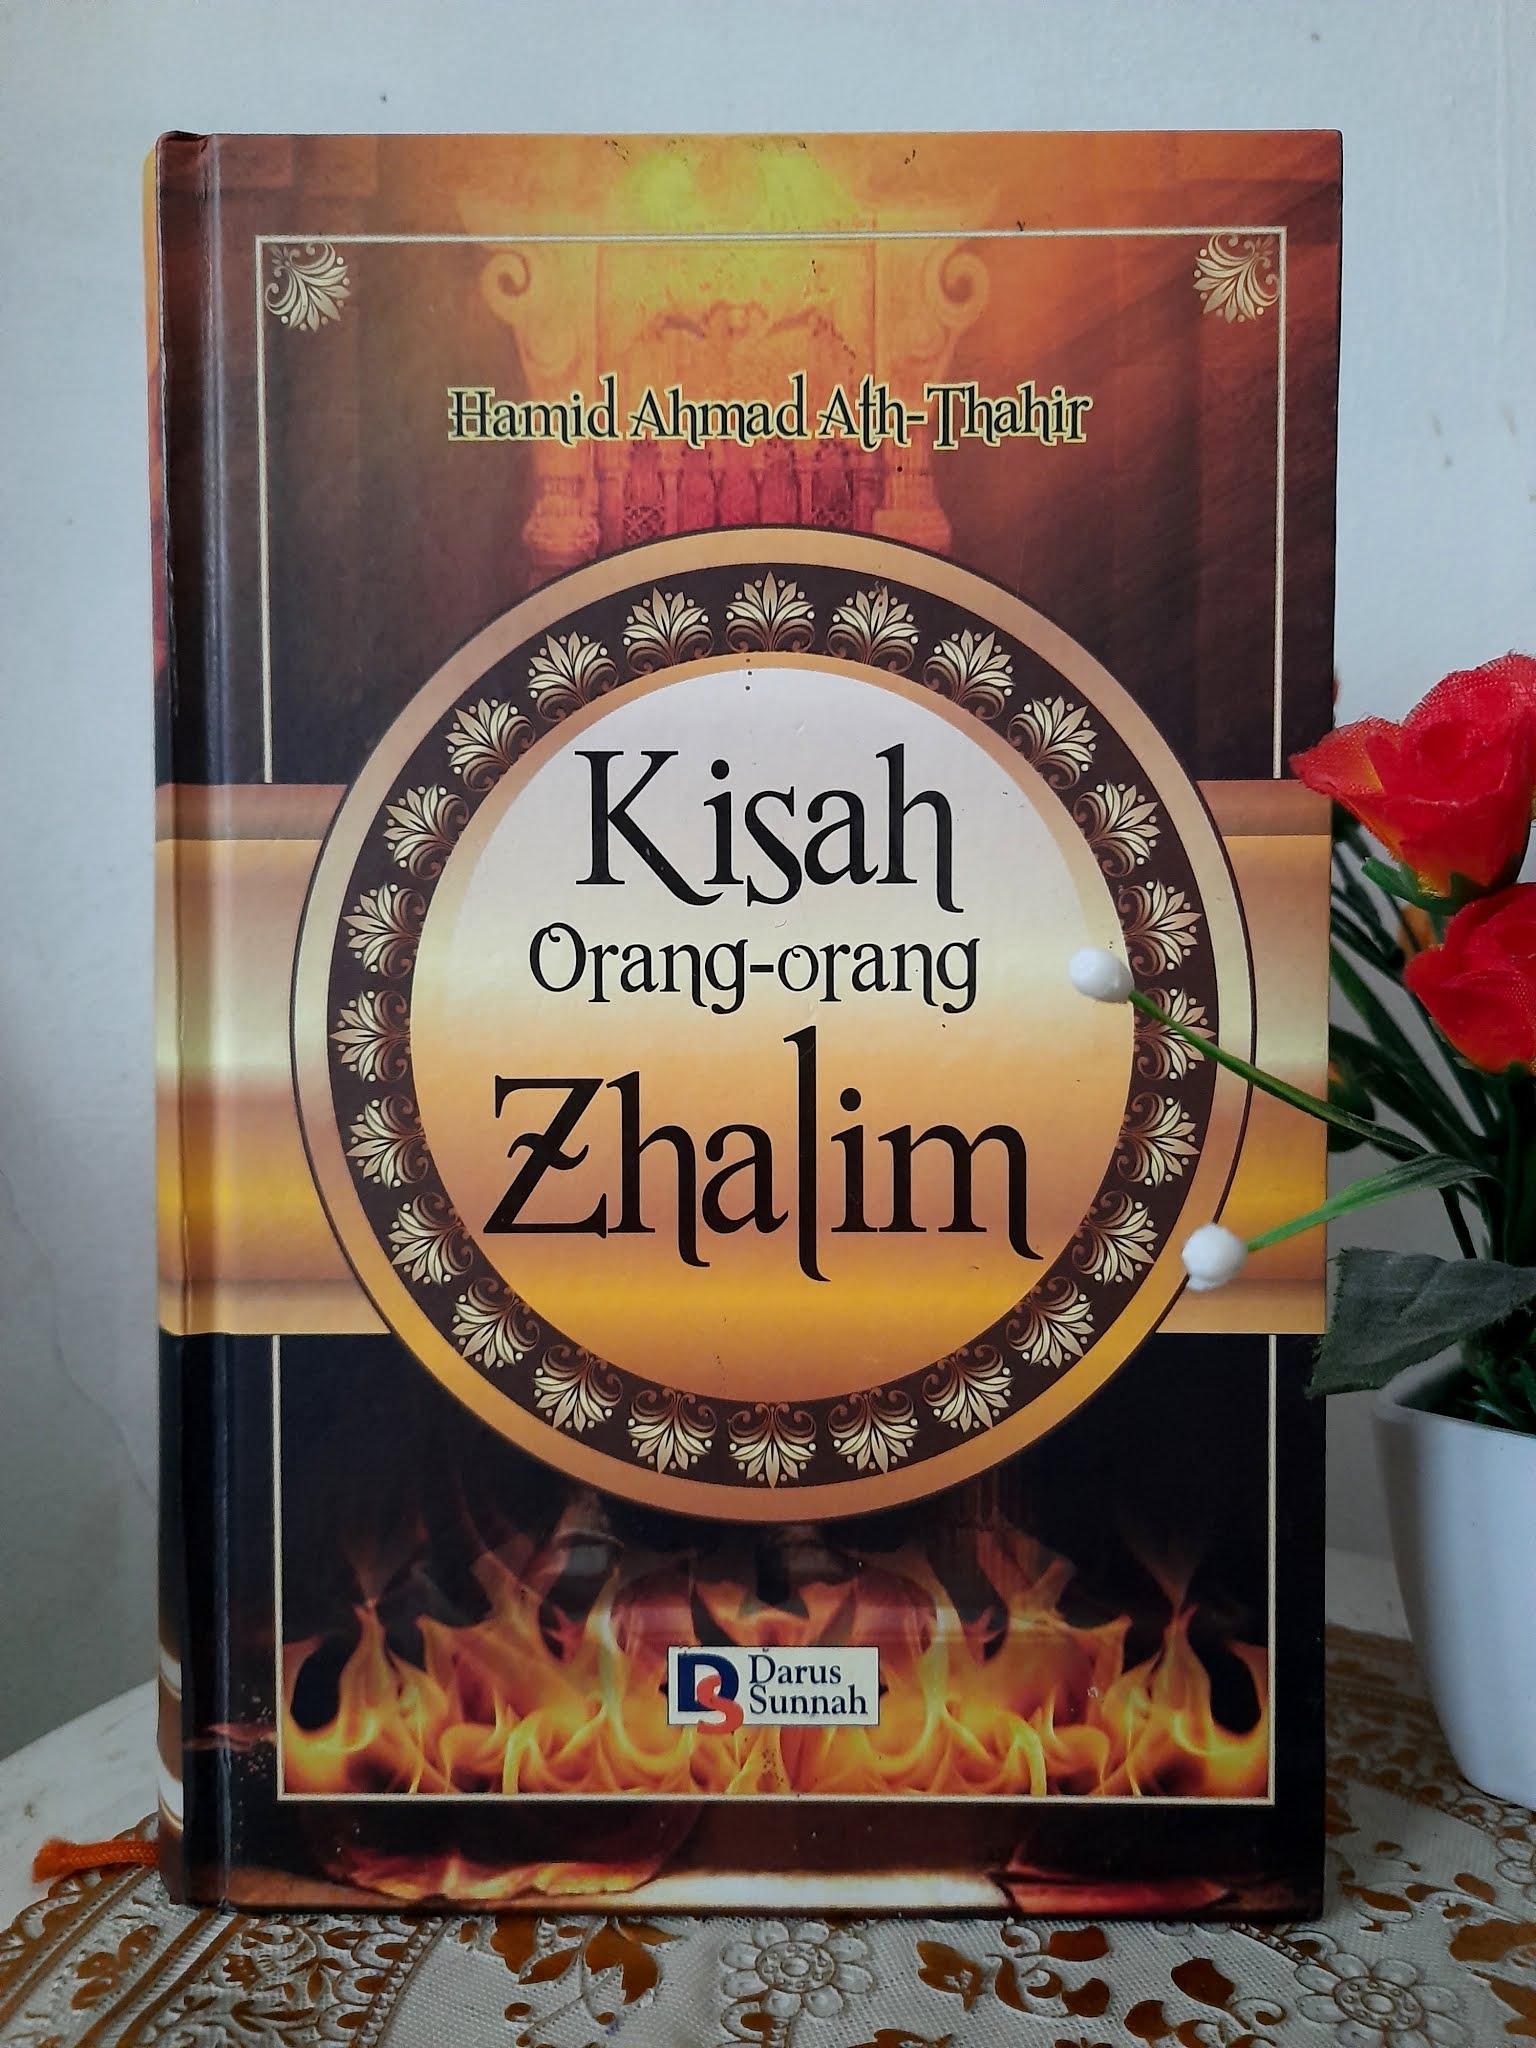 Hamid Ahmad Thahir yakni karya yang fonumental Kisah Orang-Orang Dzalim